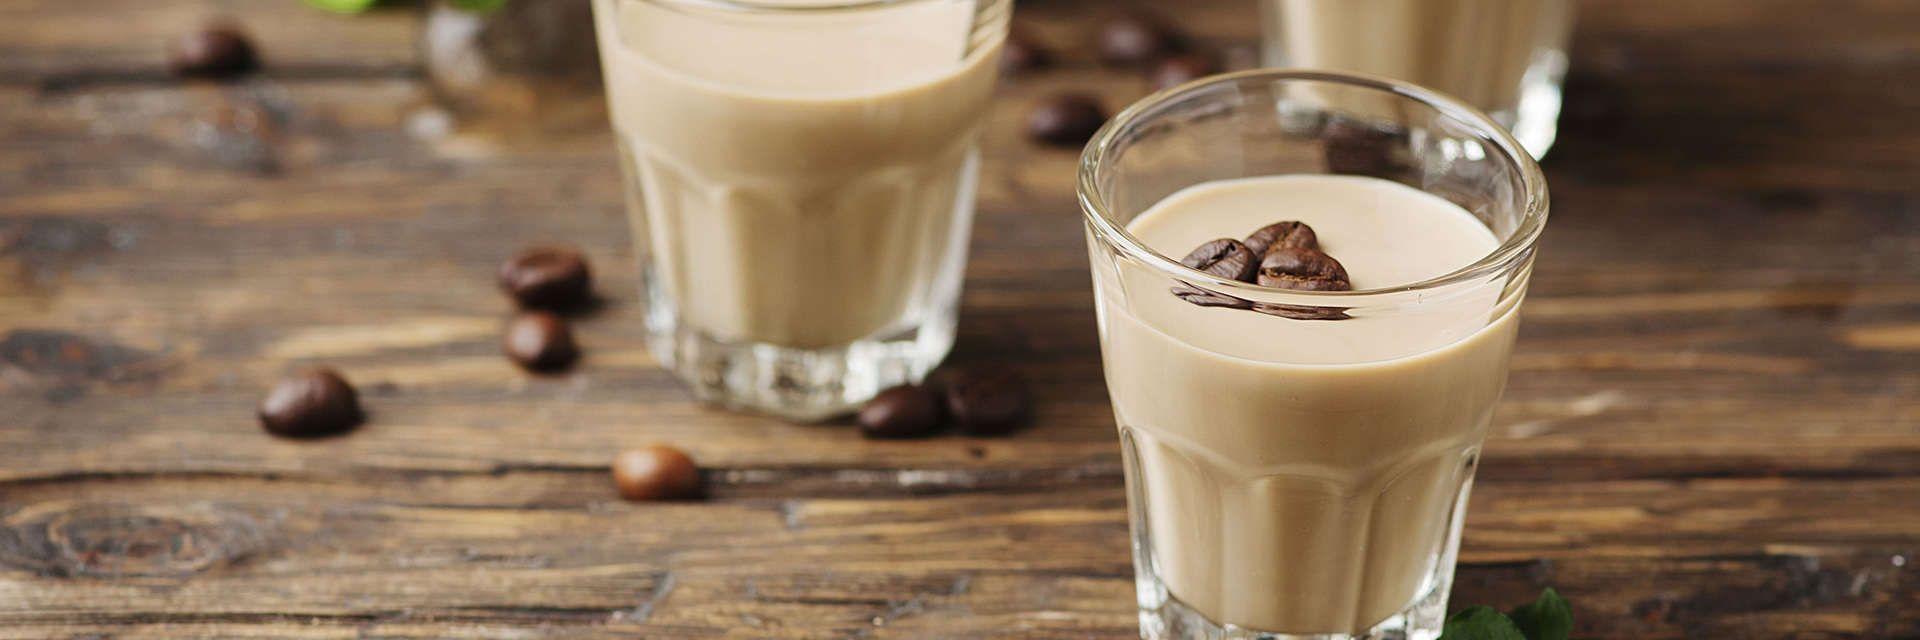 smoothie de cafe antioxidante e energizante